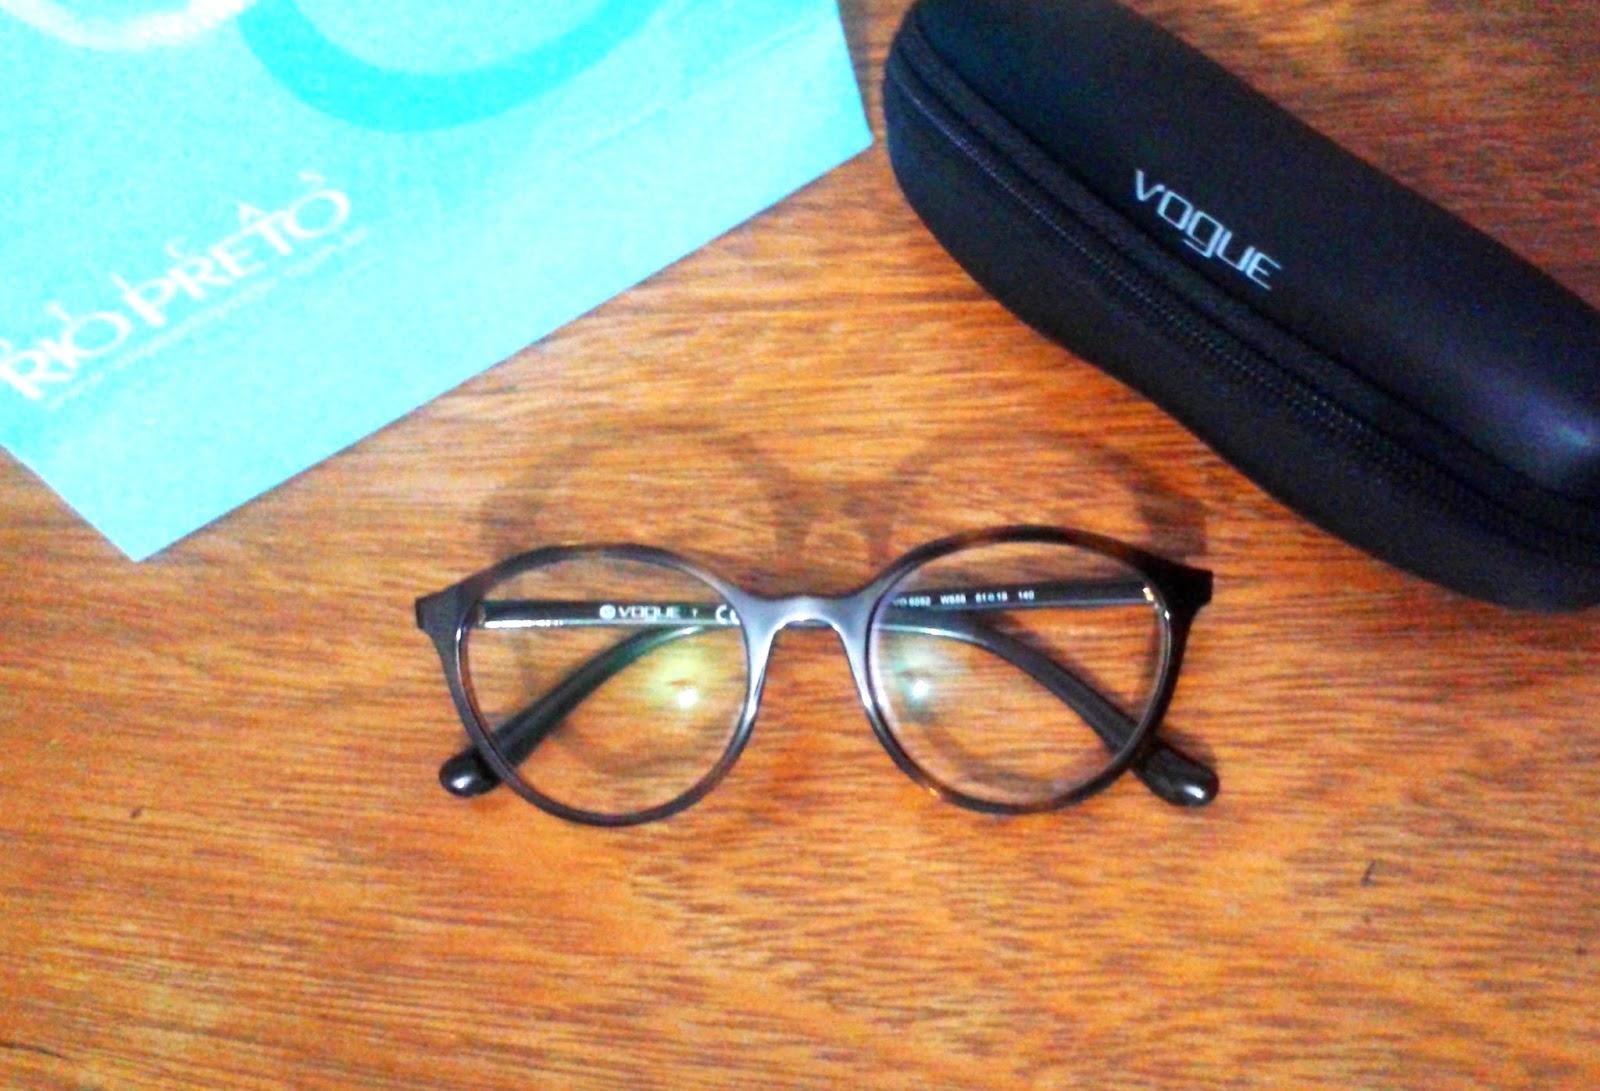 aac2f63c22e76 Estou usando esse VOGUE lindo e gigante huhuhu confesso que aderi a modinha  de óculos grandes